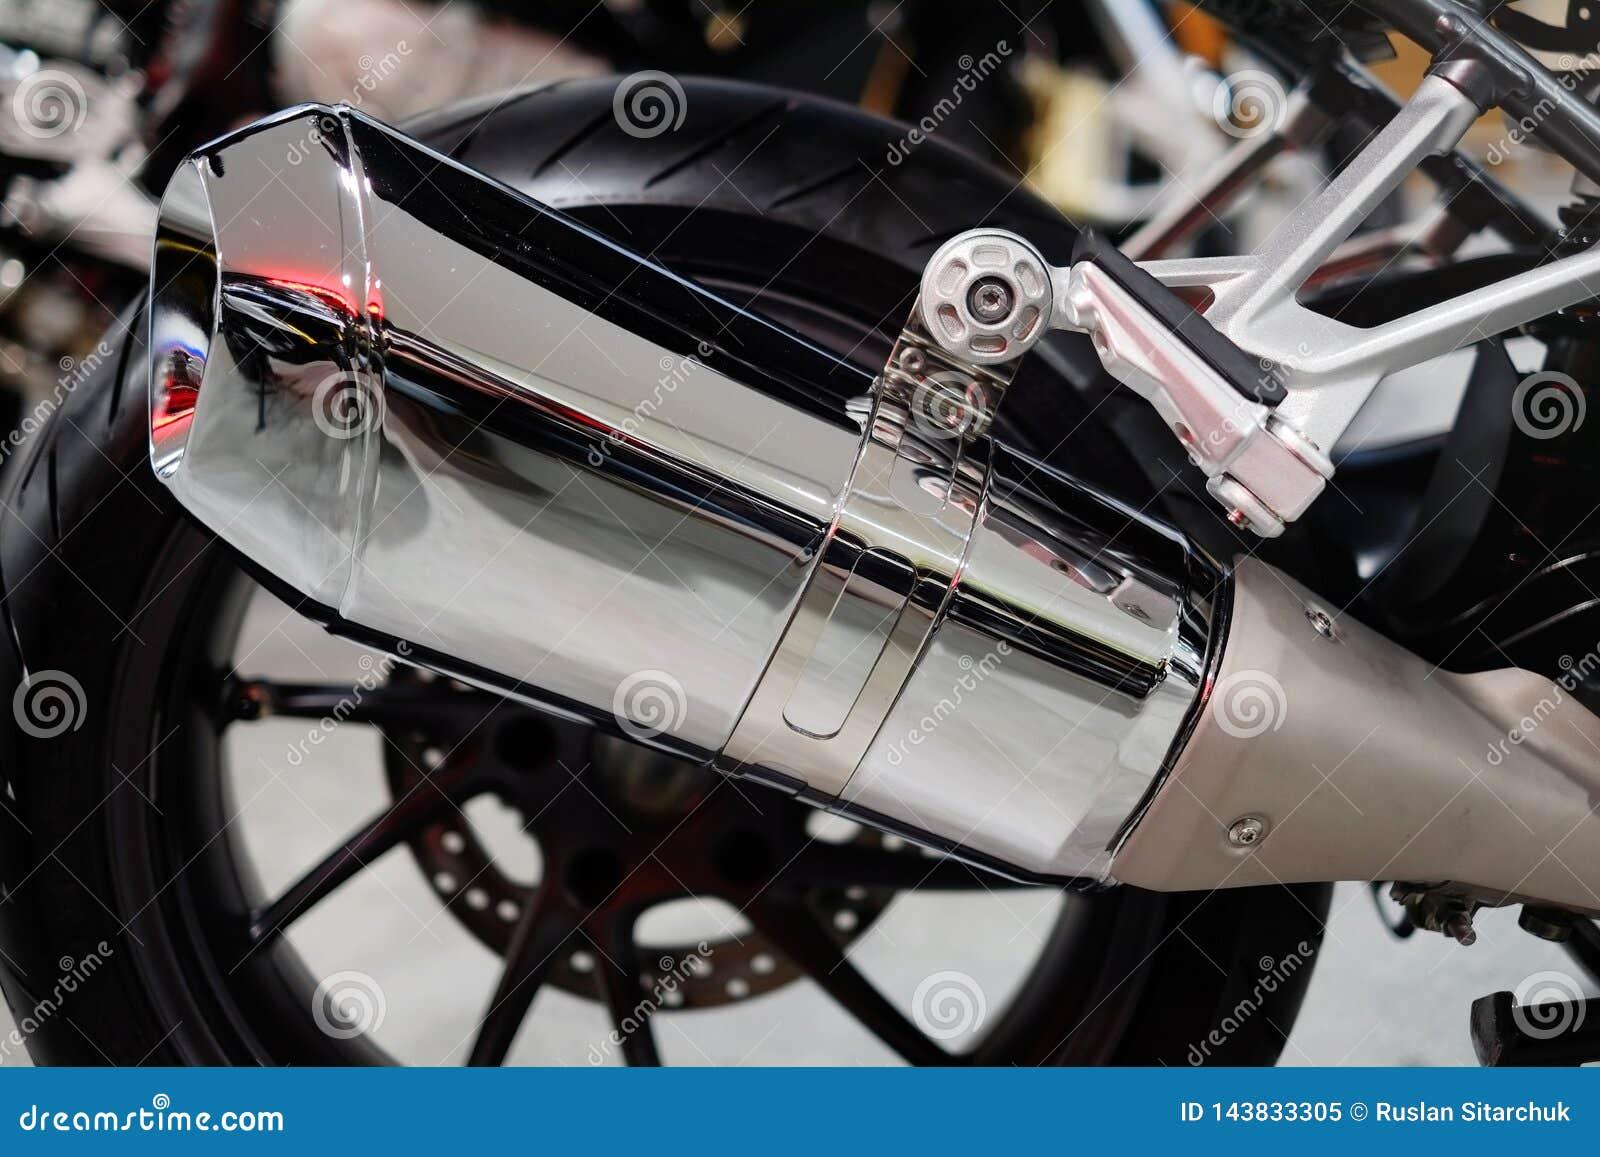 Hinterrad eines Chromstahl-Auspuffrohres des Motorrades einzelnen